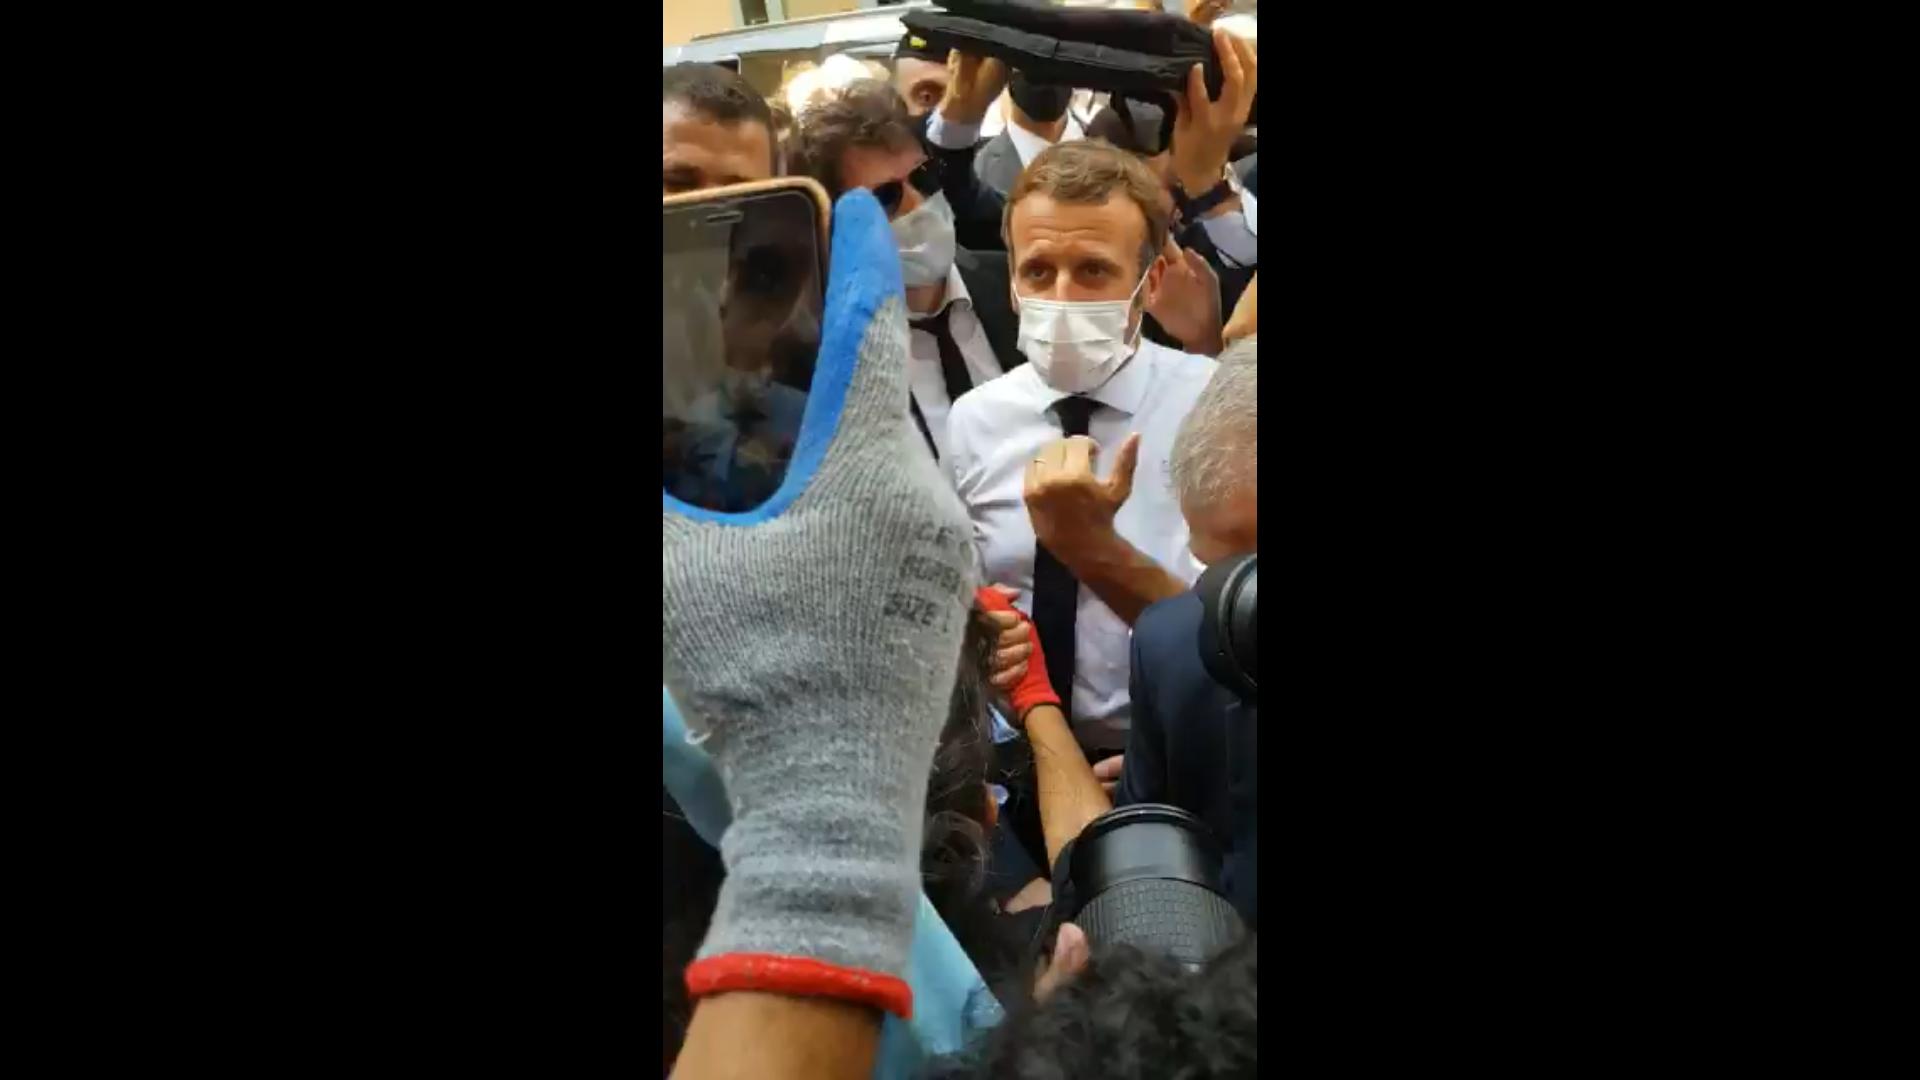 Vídeo: em Beirute, Macron diz que é preciso 'mudança política' no Líbano